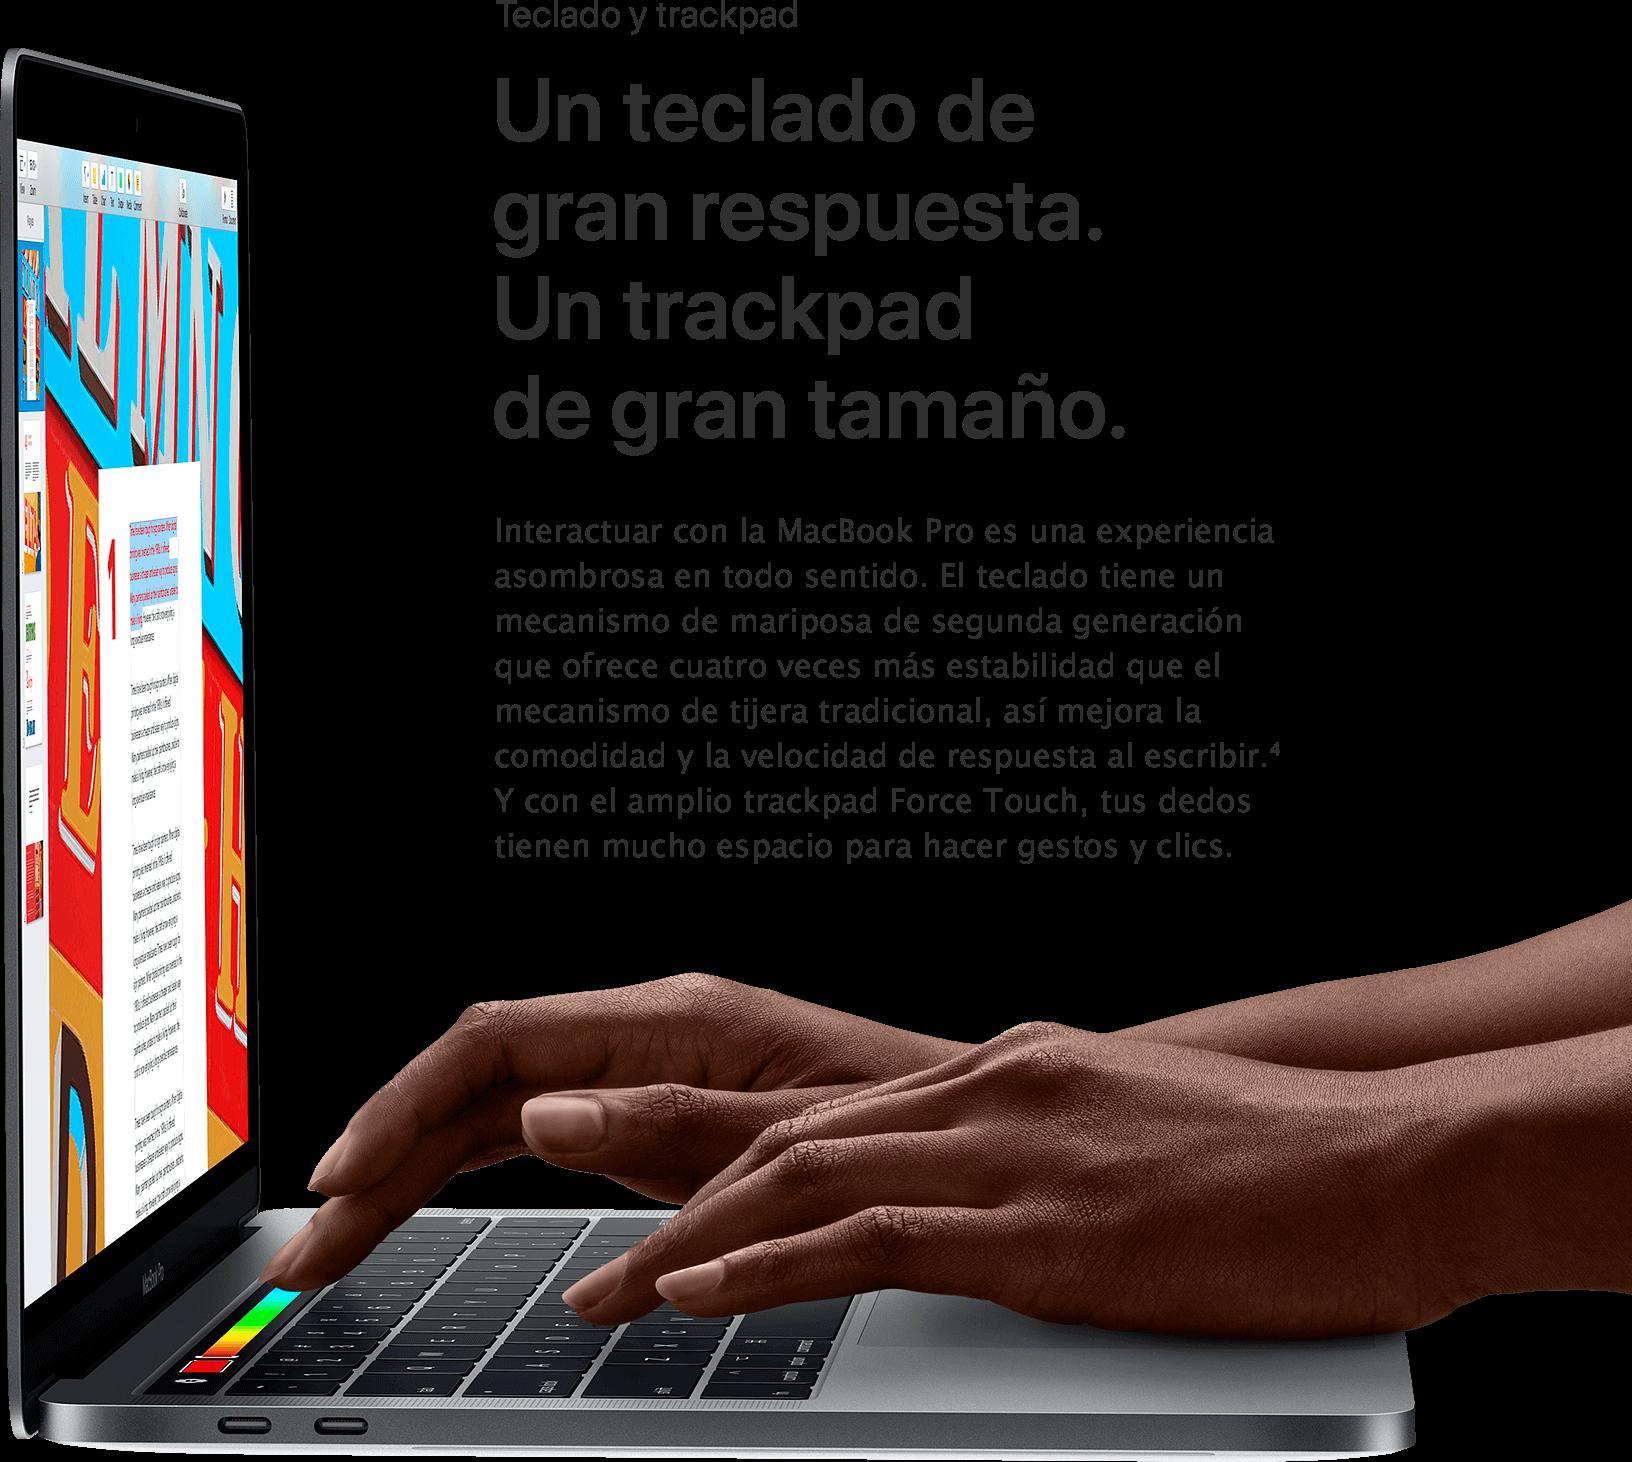 MacBook Pro Teclado y Trackpad MacStore